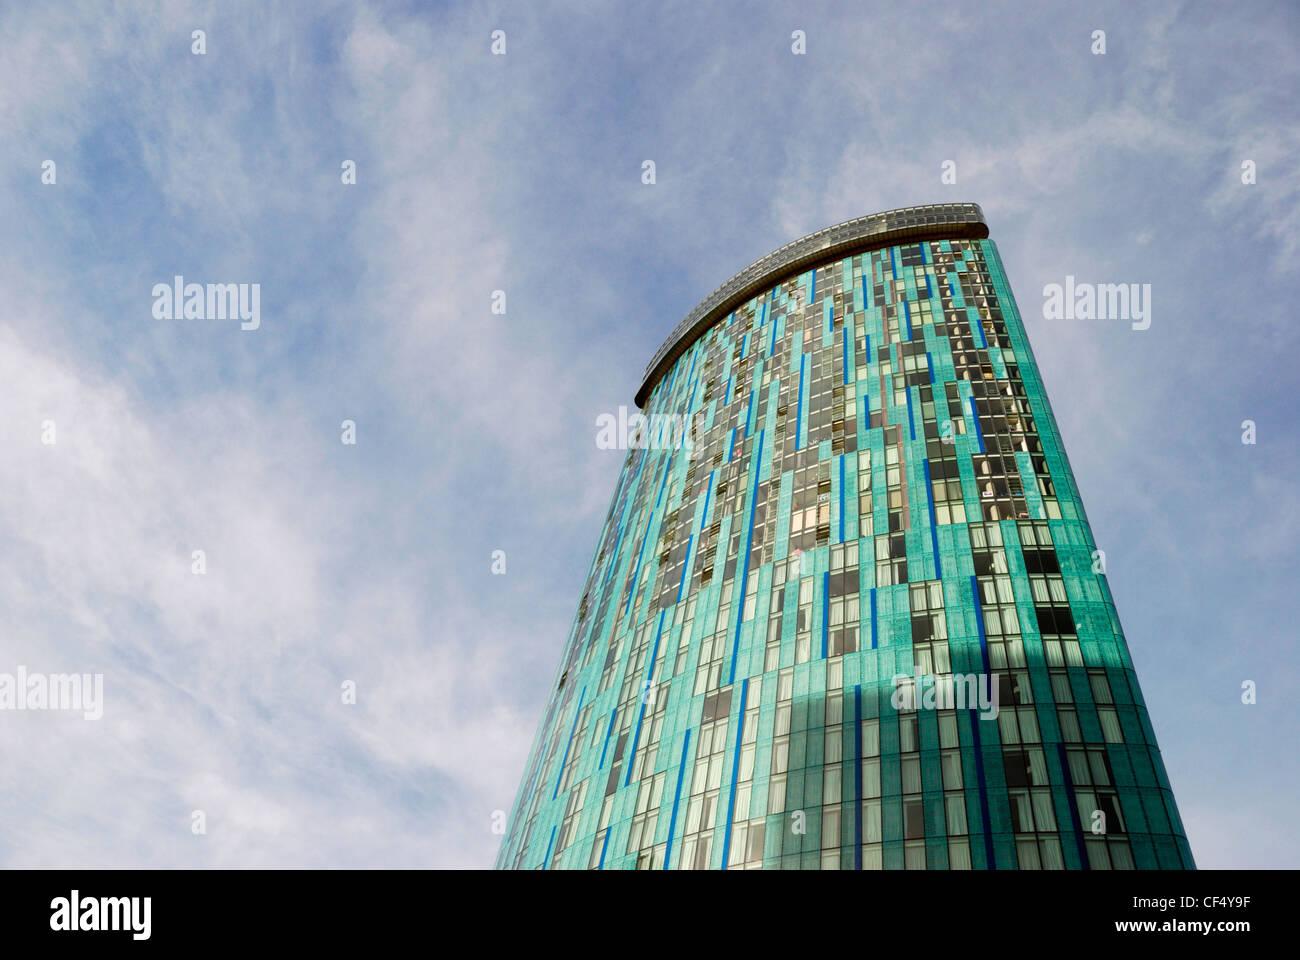 Radisson Blu Hotel in a 39 storey skyscraper in the centre of Birmingham. - Stock Image